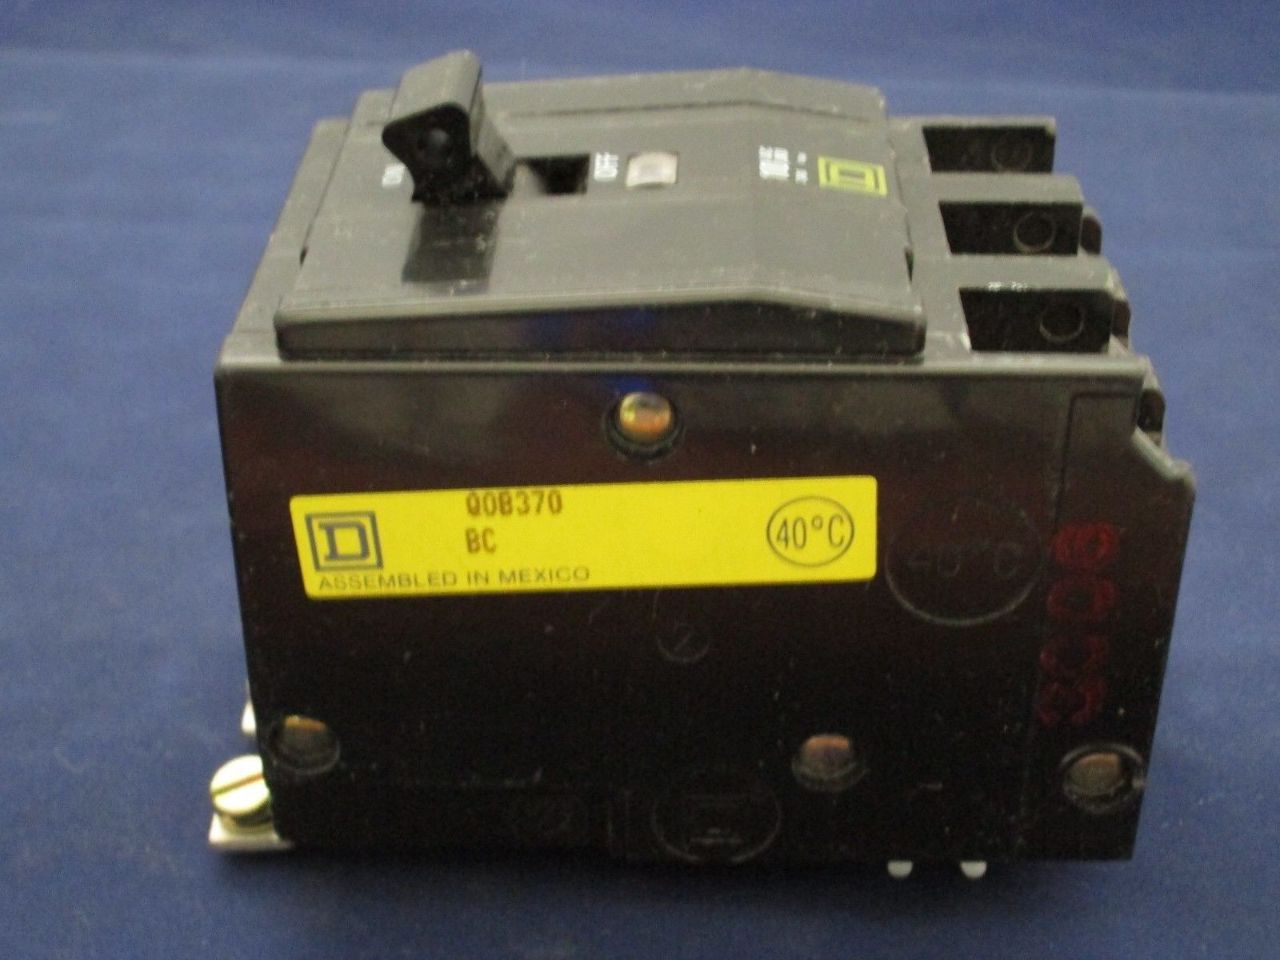 Square D QOB370 70 Amps Circuit Breaker